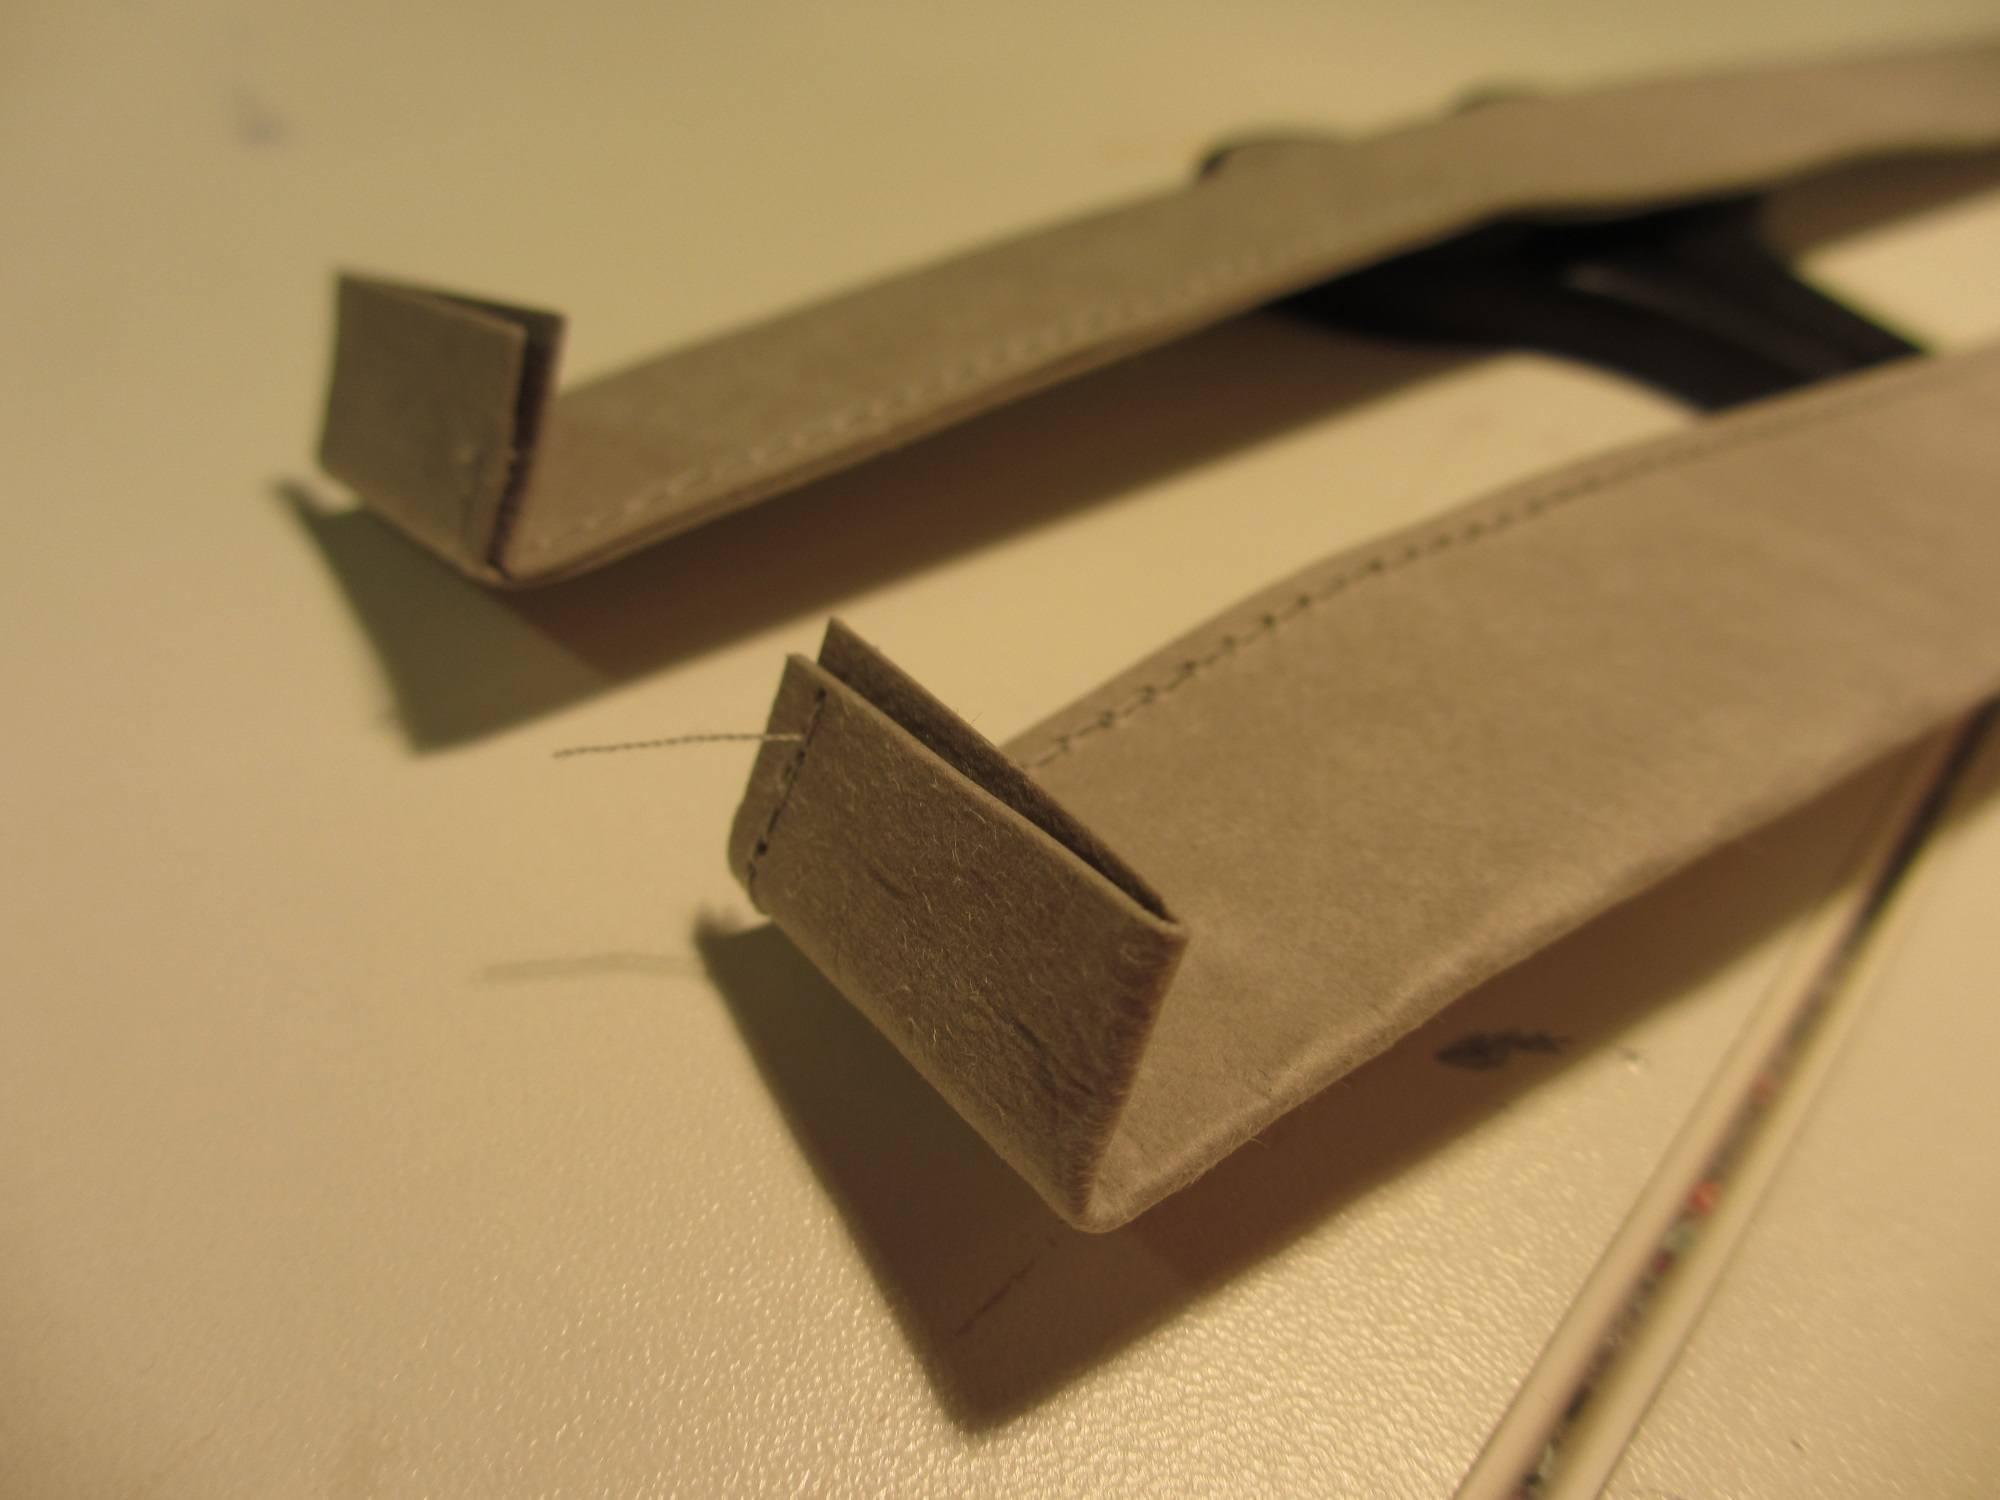 Träger an die Tasche nähen. Dazu habe ich unten ca 1,5 cm umgebogen, damit sich ein glatte Kante ergibt.